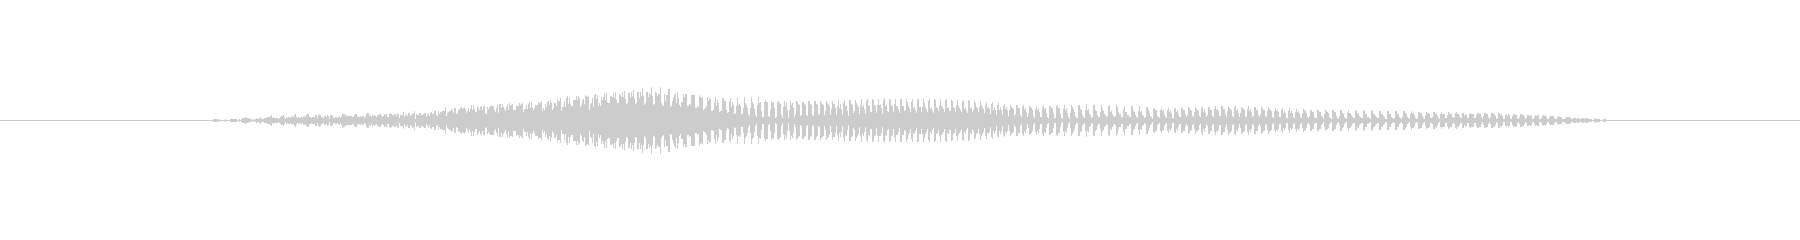 よぉおの未再生の波形